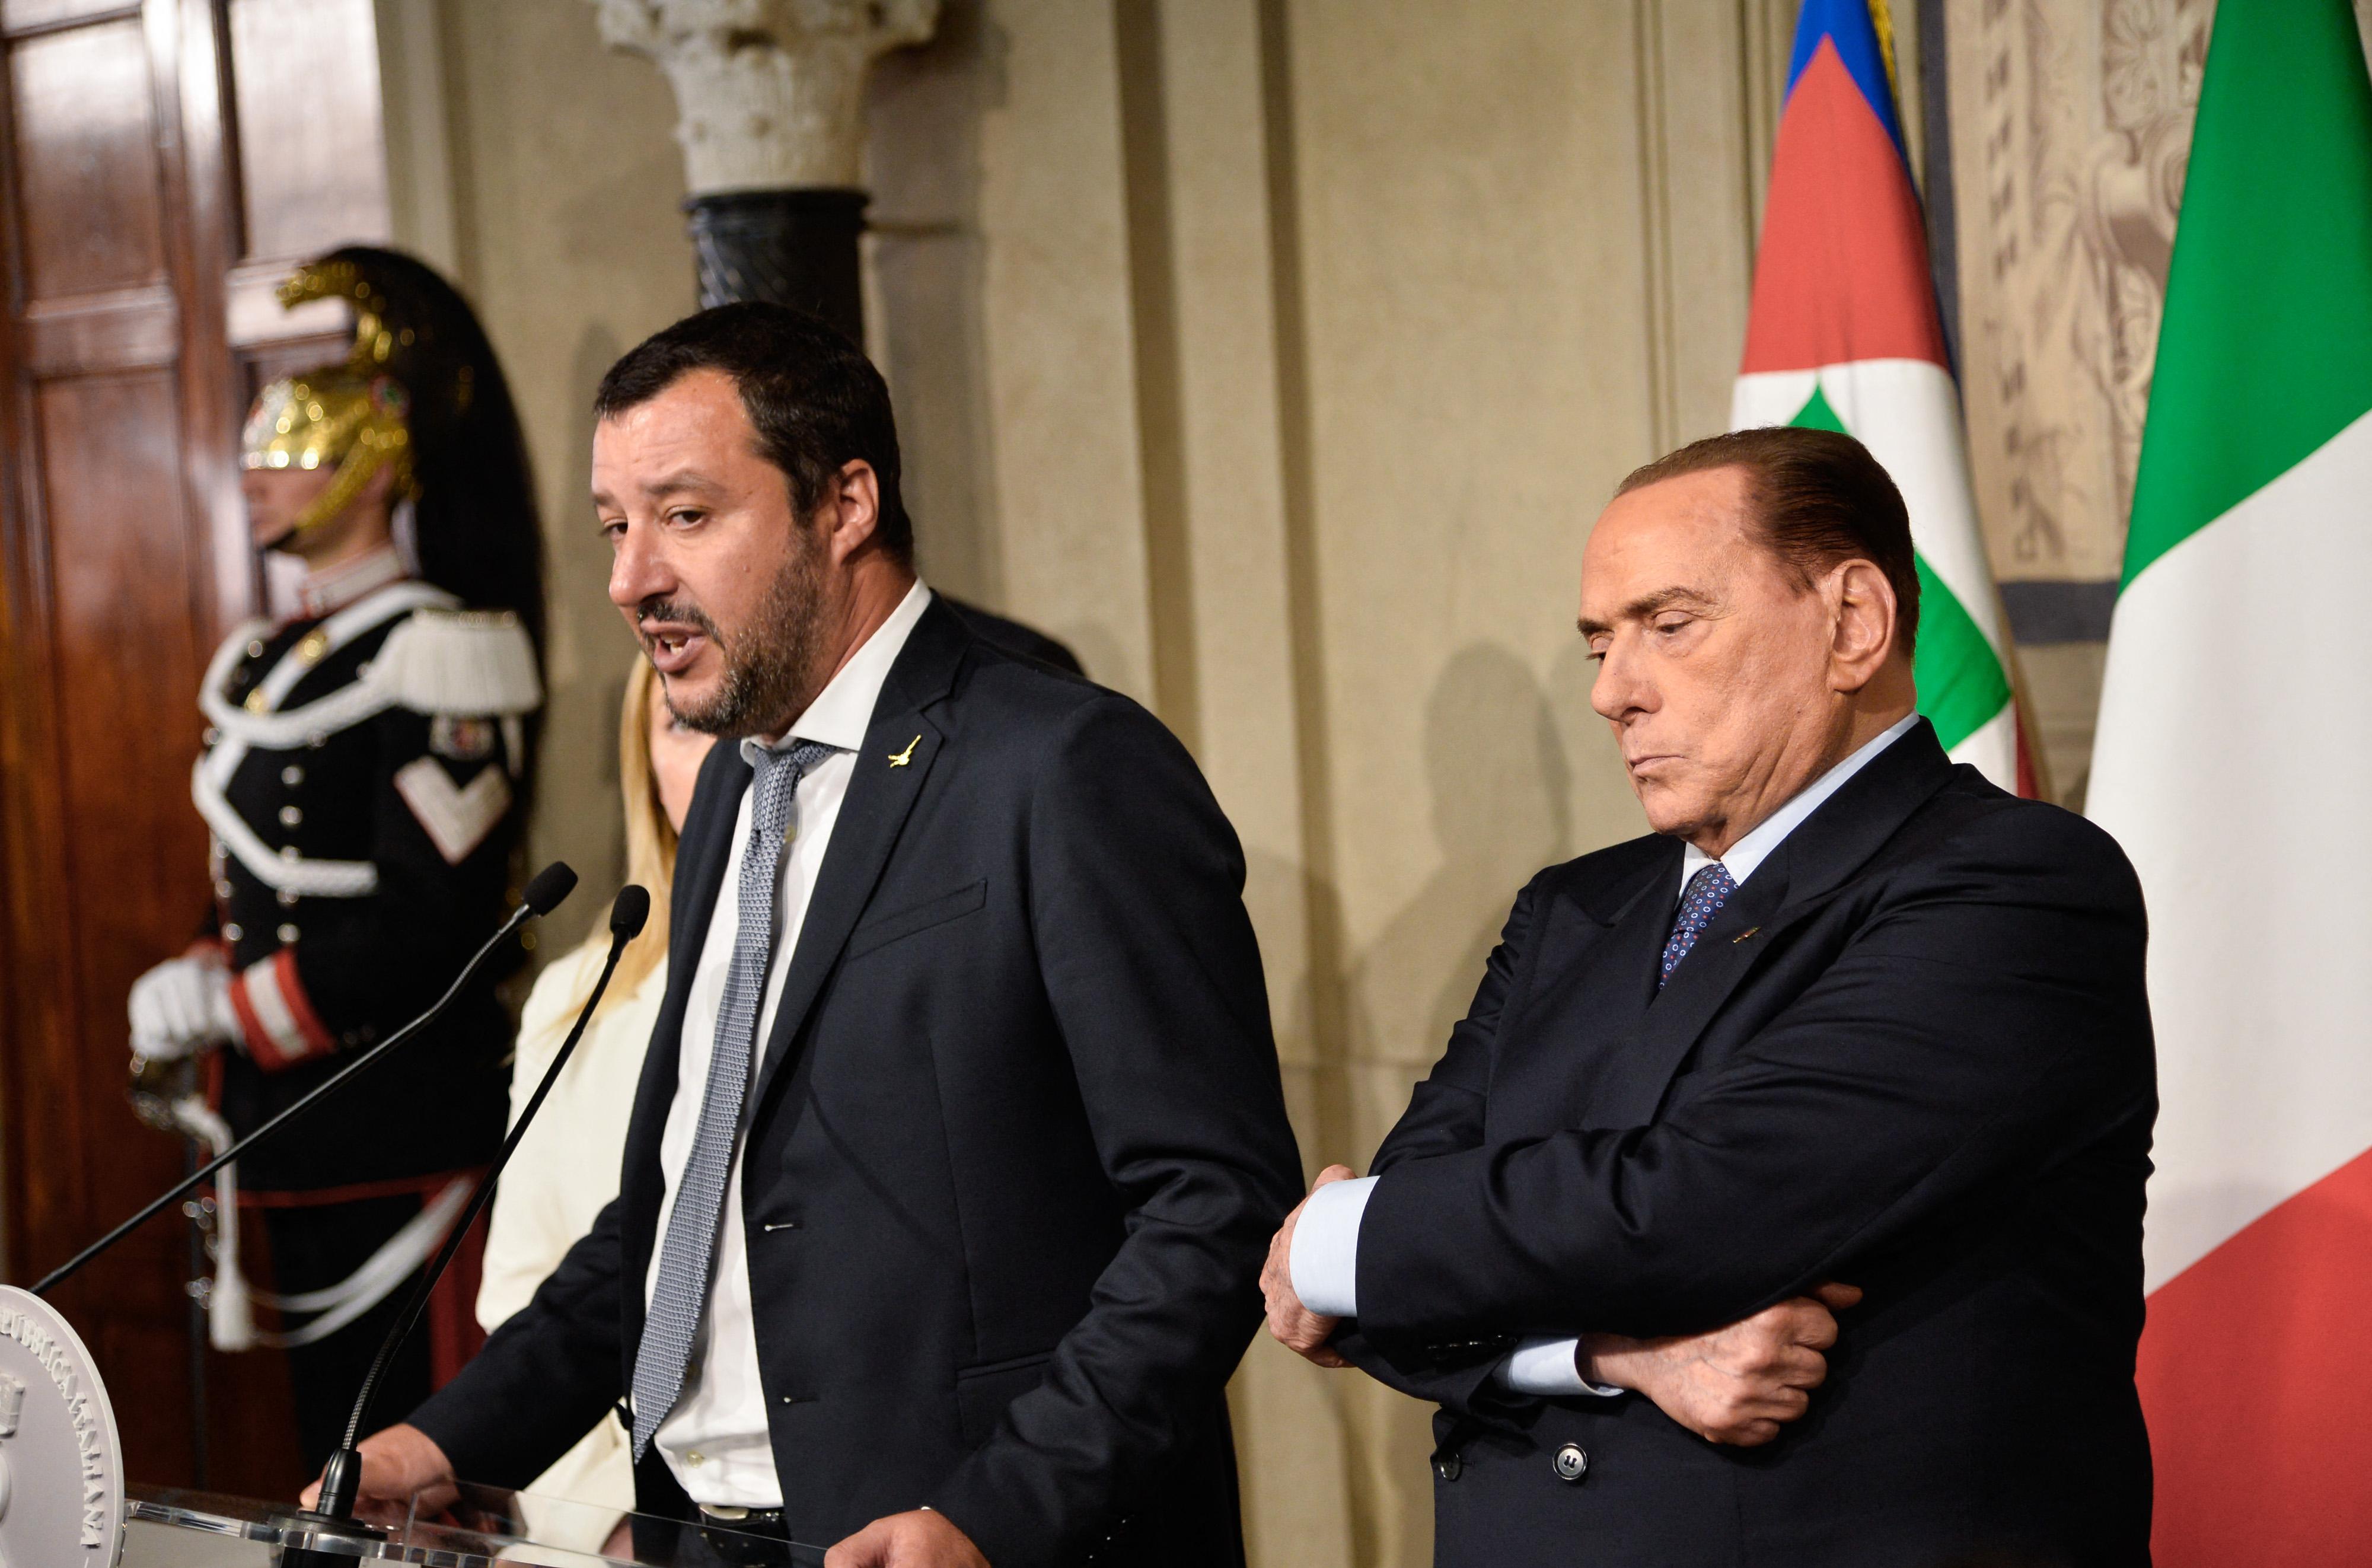 Berlusconi közös pártot alapítana Salvinivel